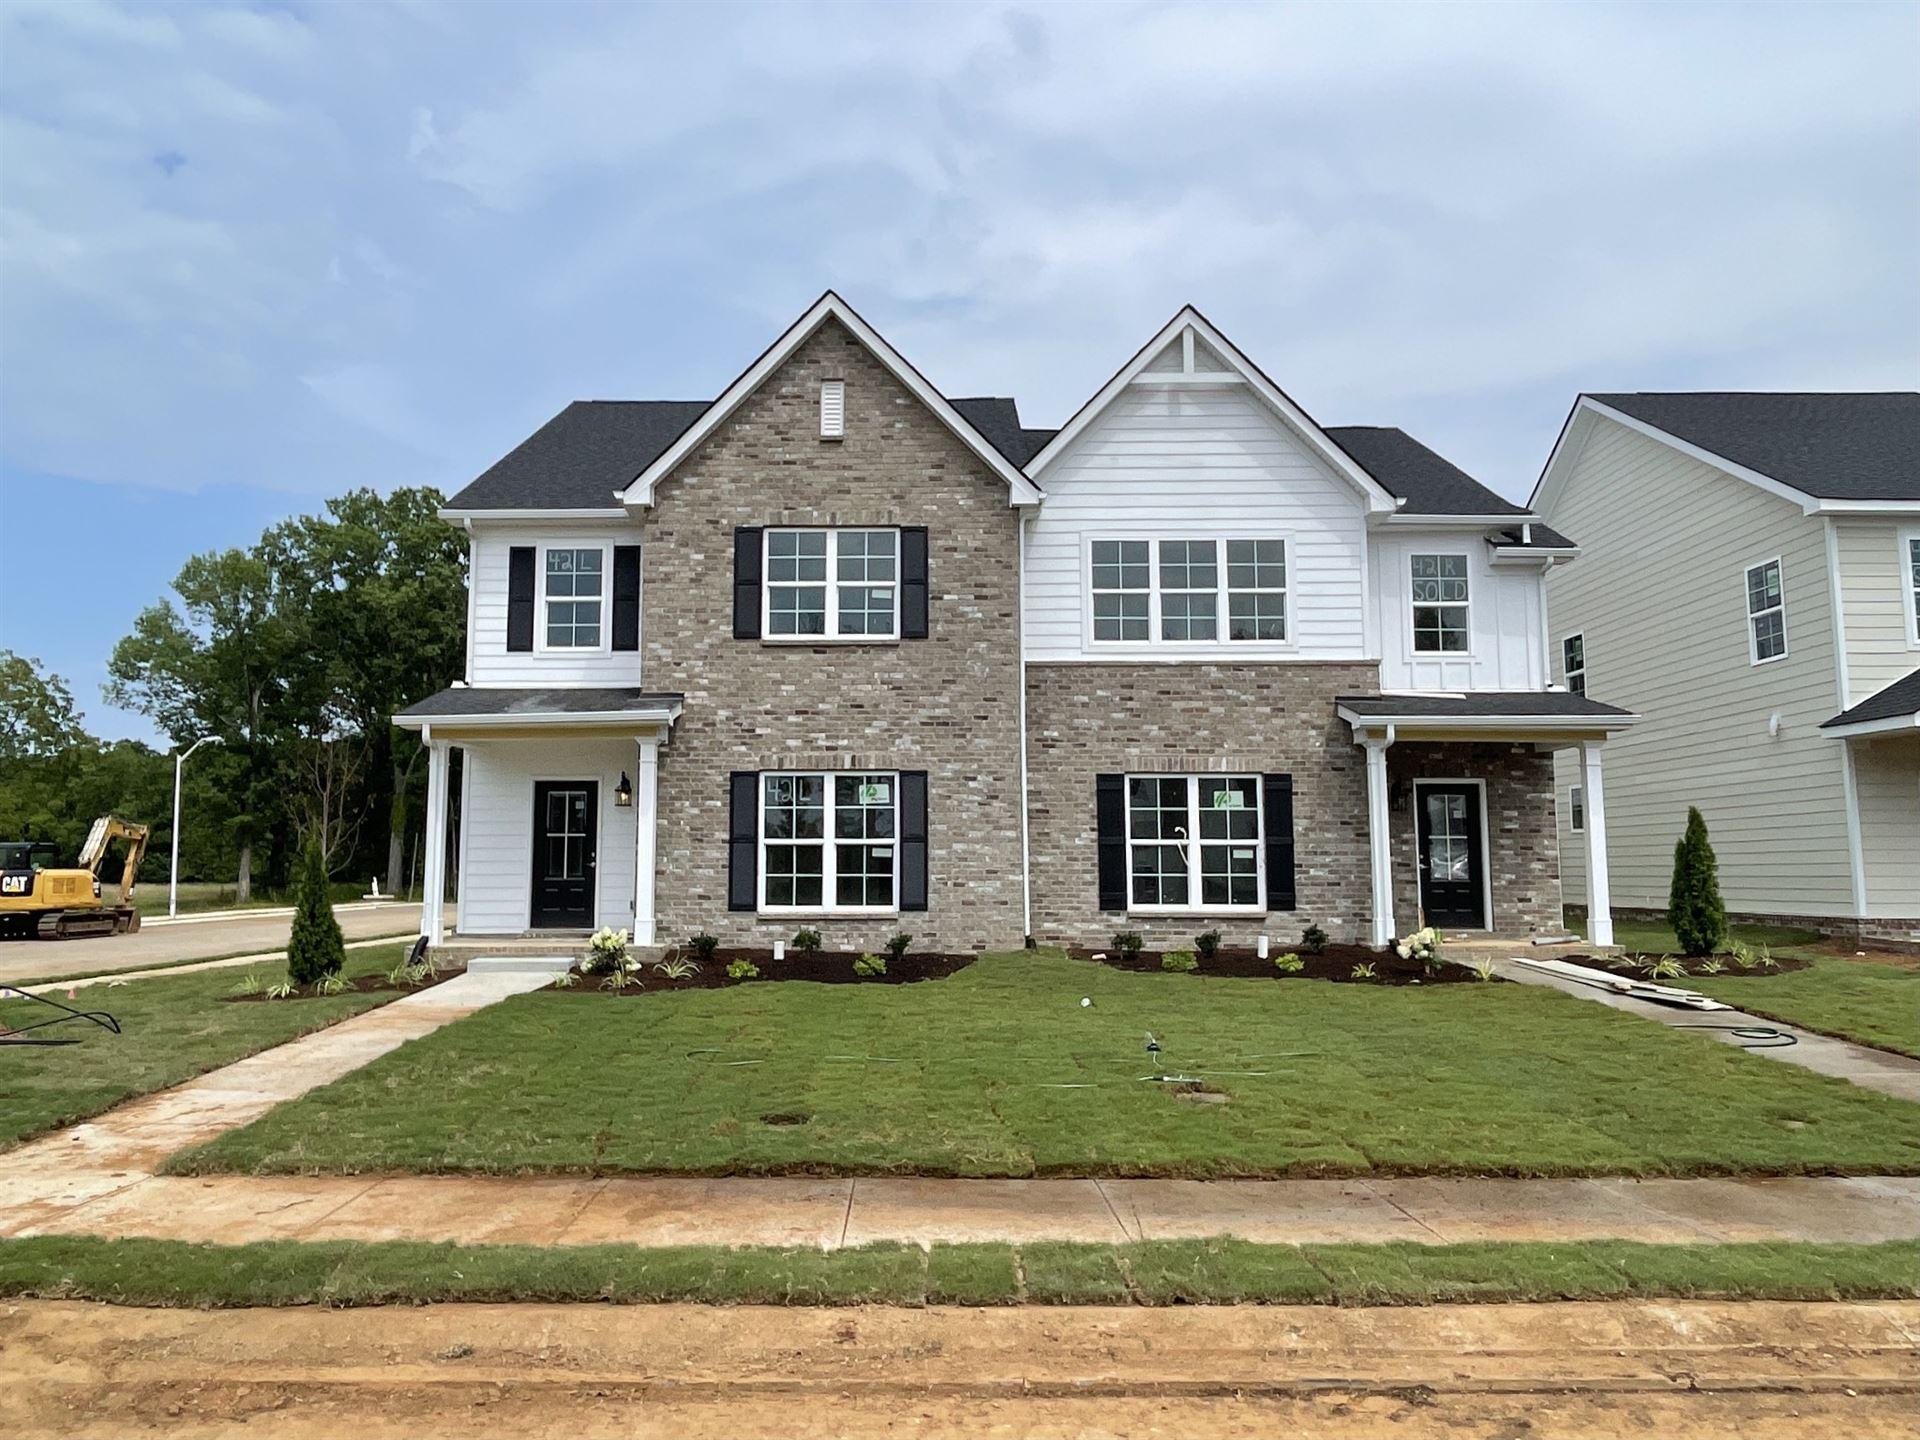 2139 Welltown Ln, Murfreesboro, TN 37128 - MLS#: 2274740